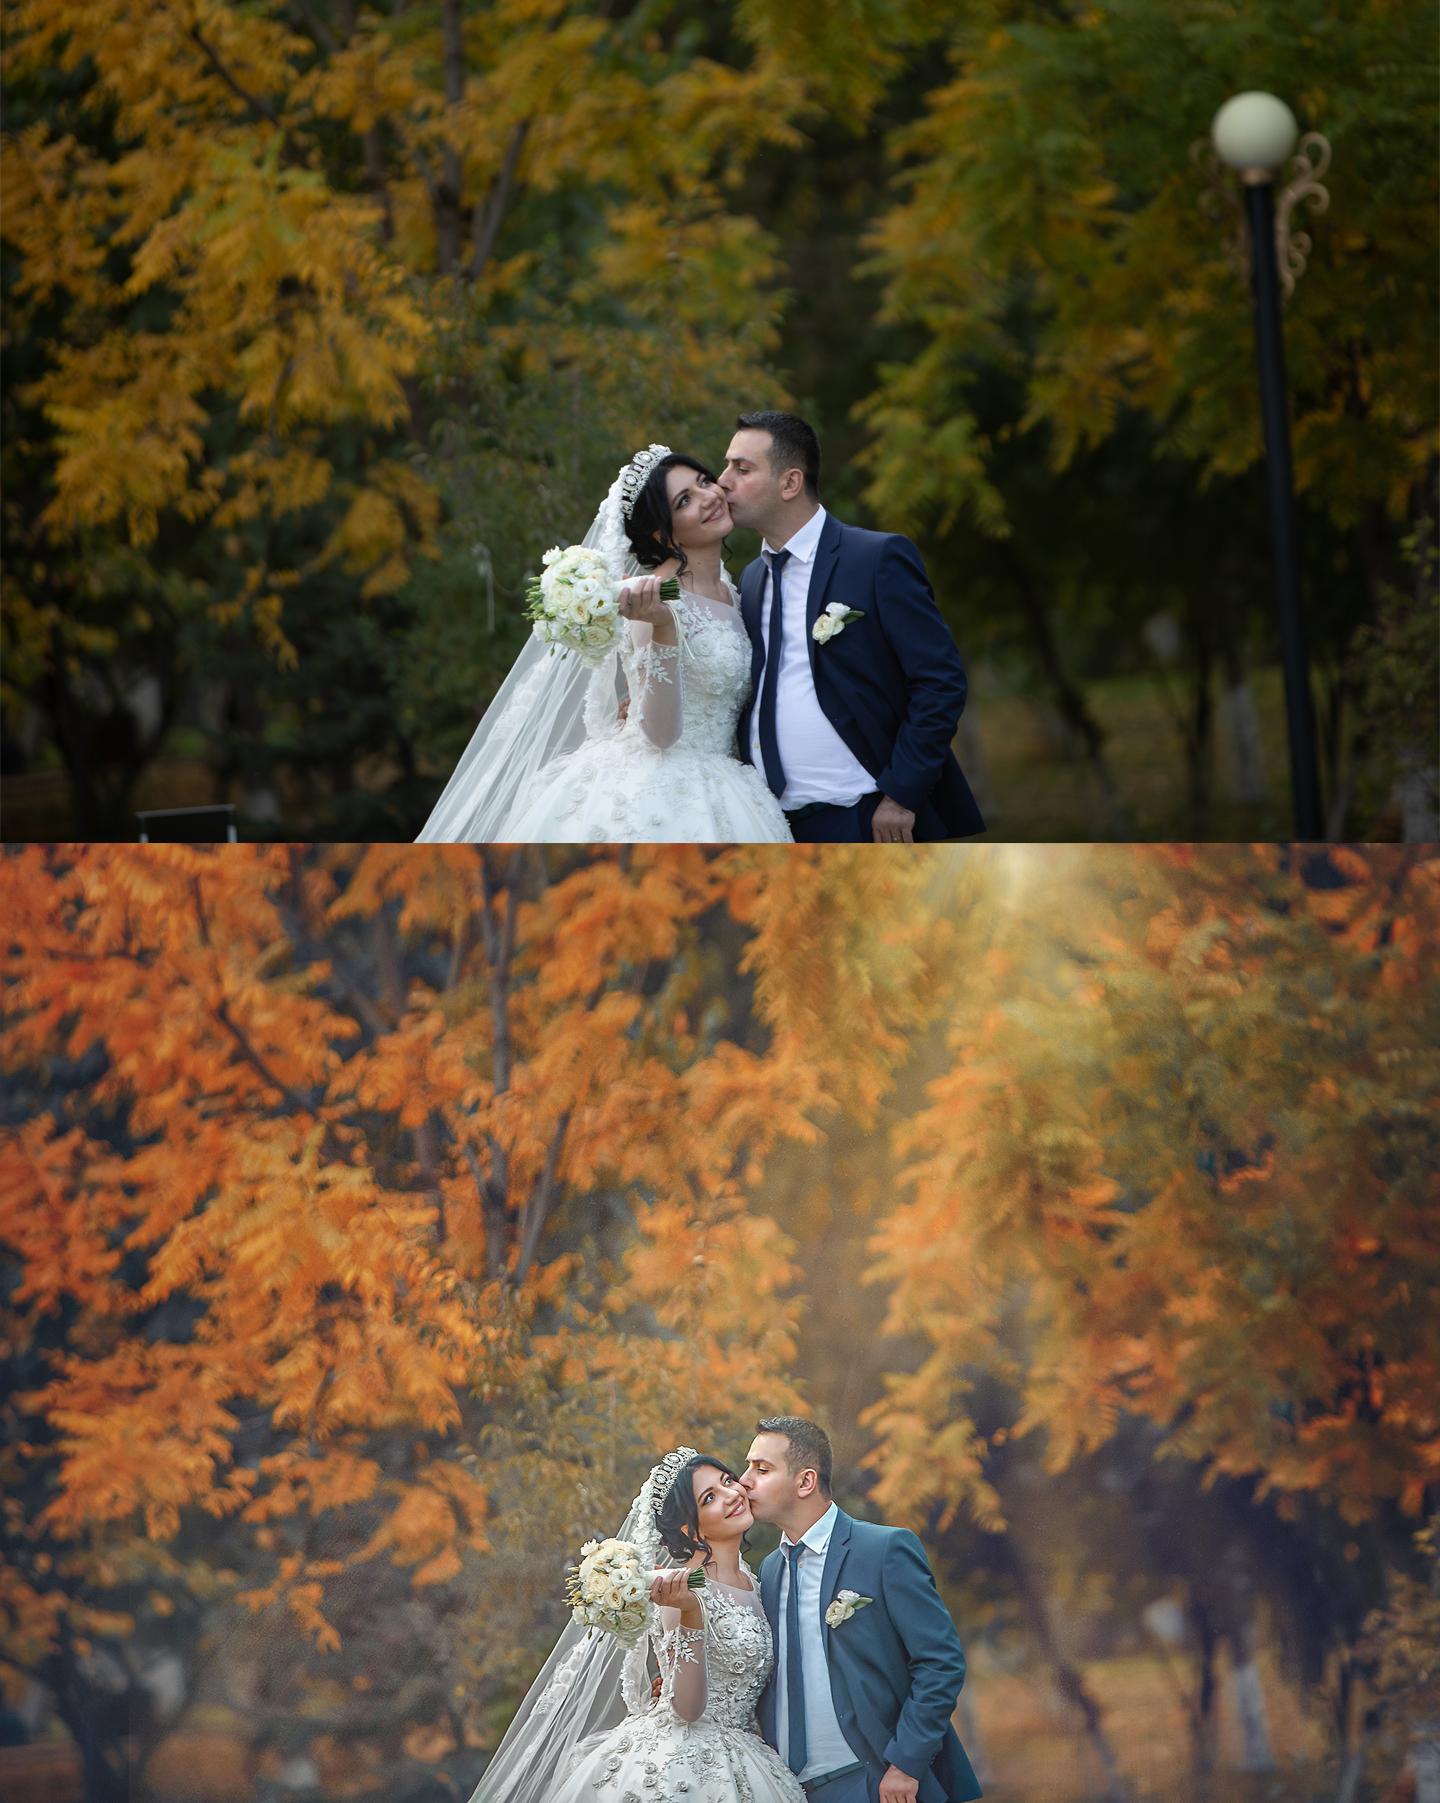 обработка свадебных фото для начинающих пробовала